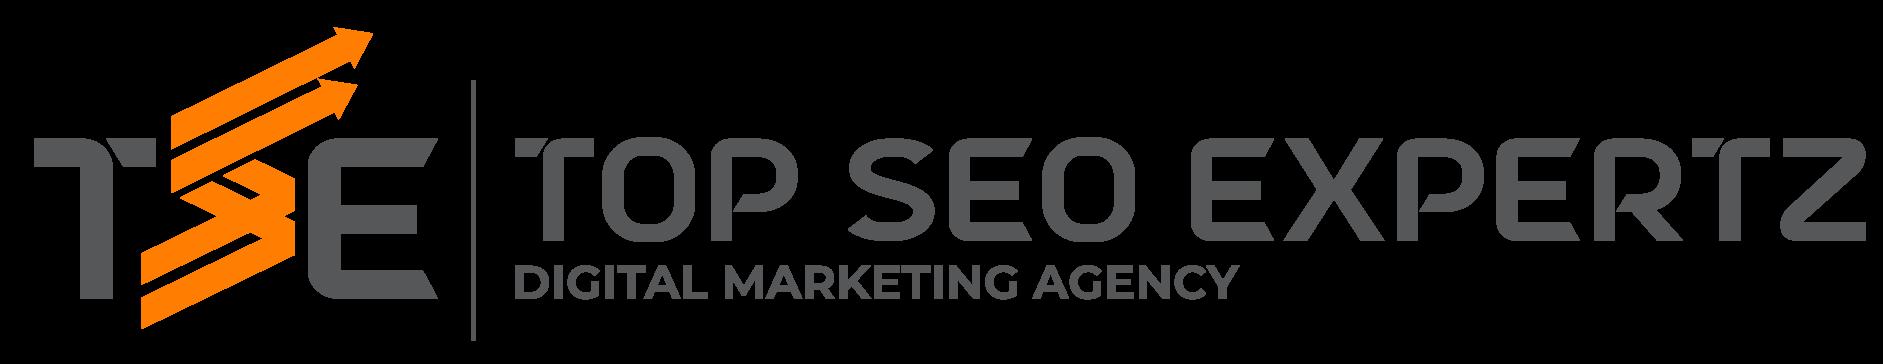 Top SEO Expertz Logo for Services